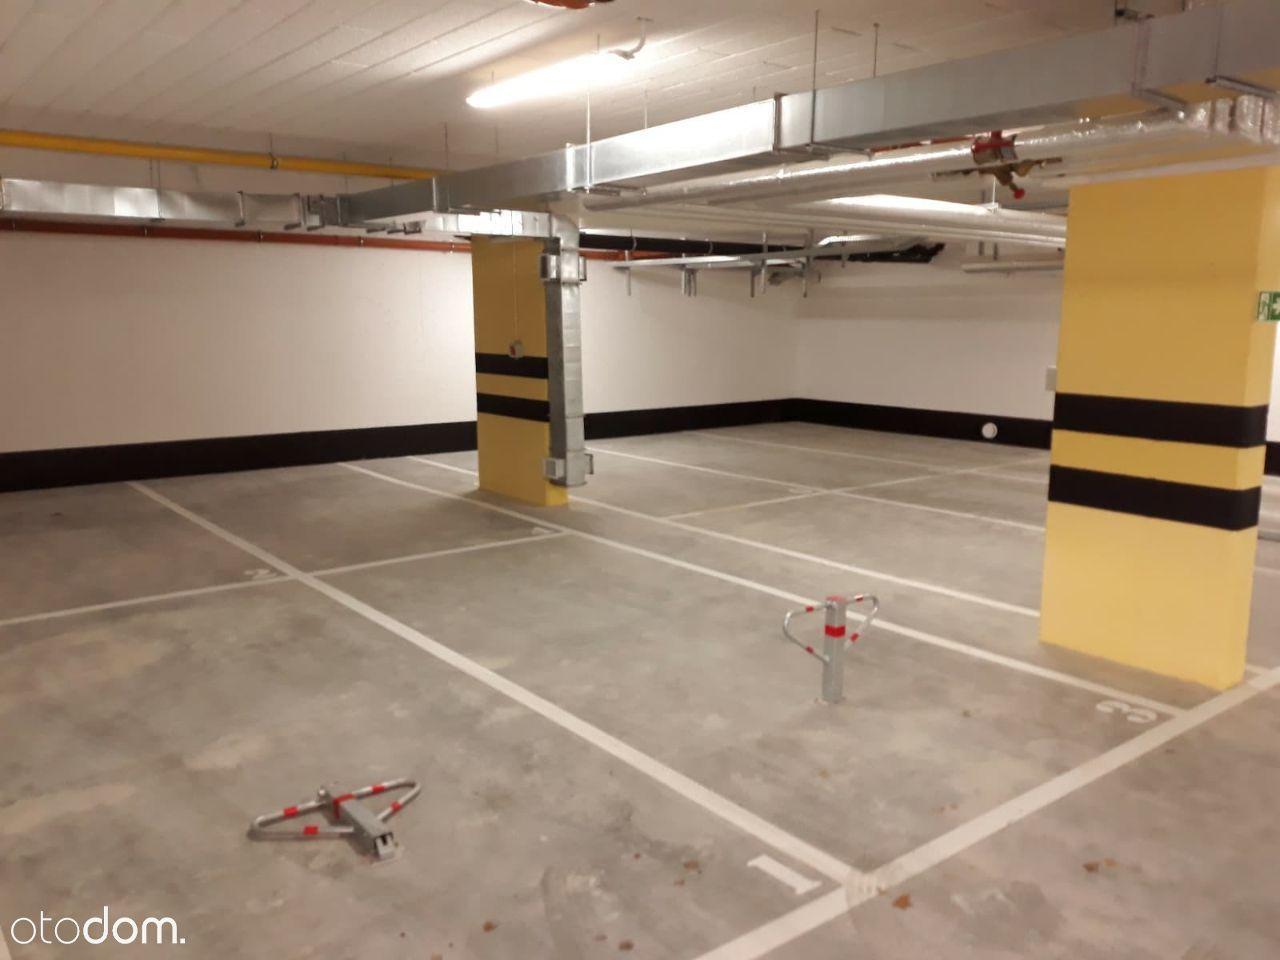 Sprzedam miejsce dwupostojowe w garażu podziemnym